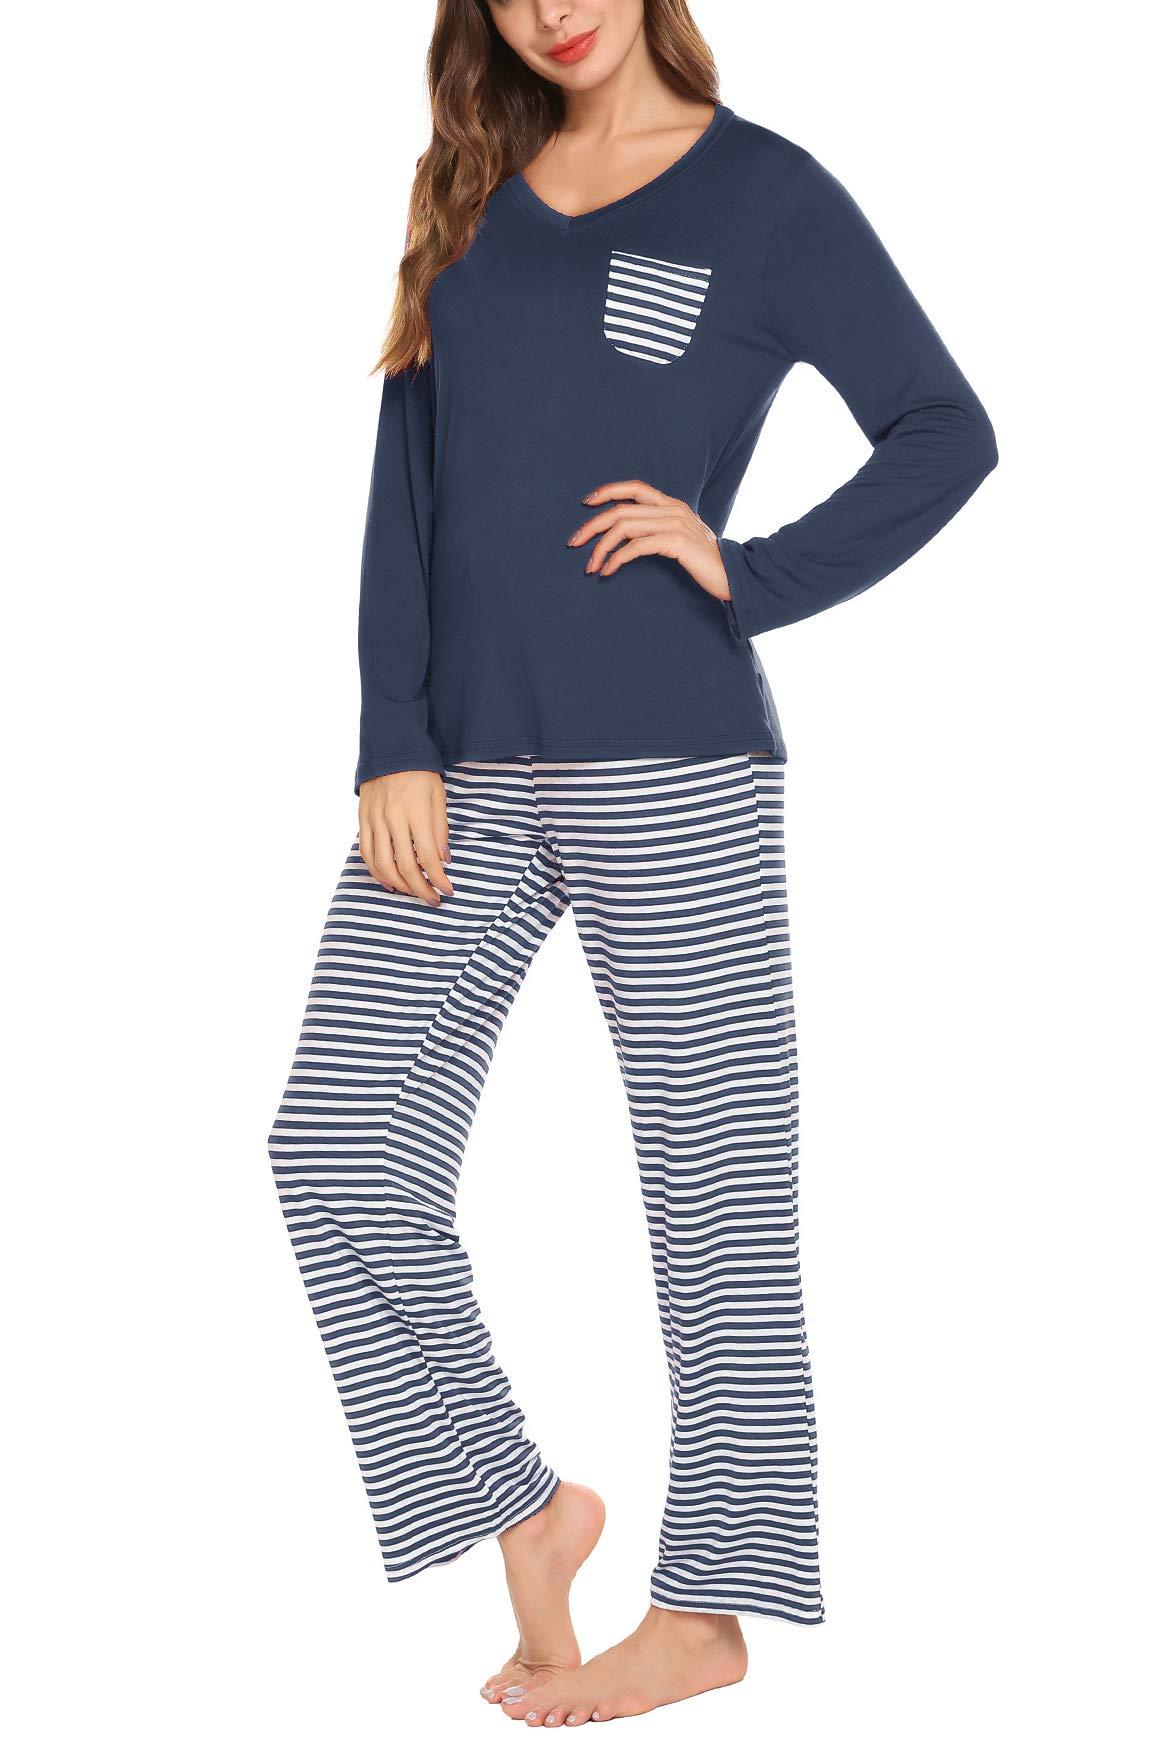 Women Long Sleeves Top with Pants Ladies 2-Piece Pajama Set Sleepwear Pjs Sets Navy Blue L